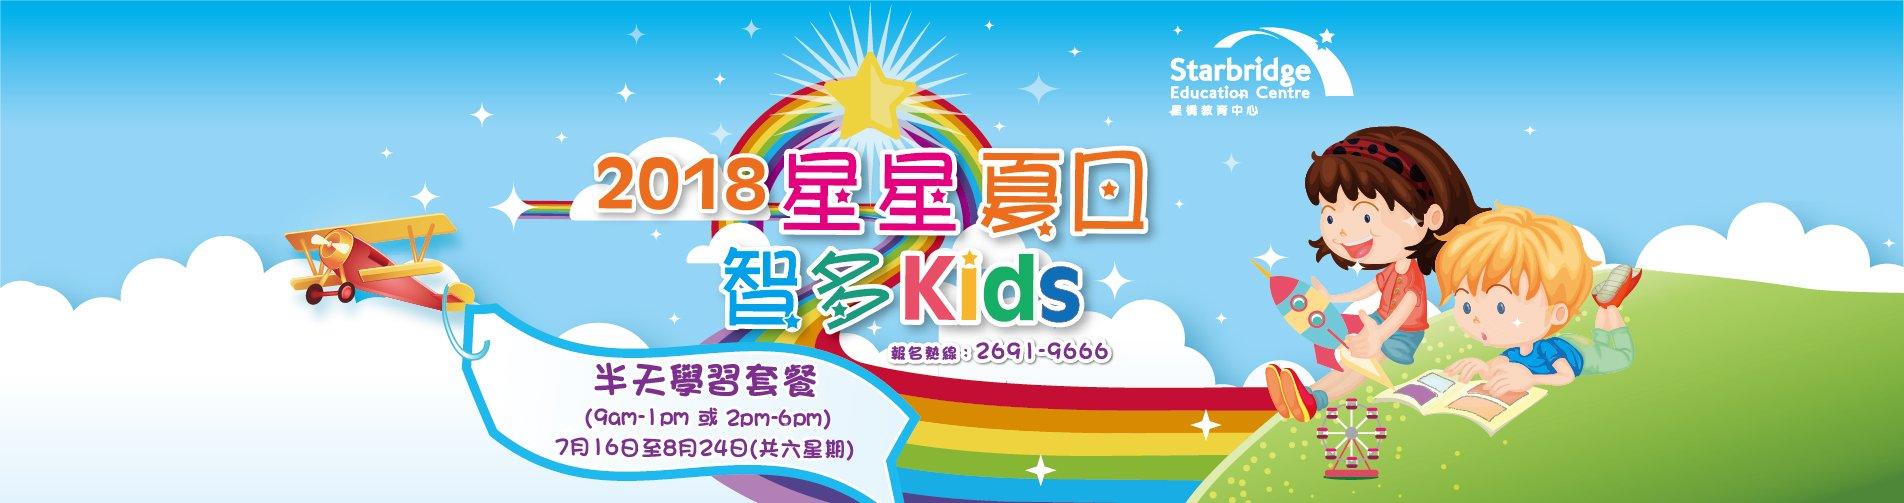 荃灣暑期暑假班中英數